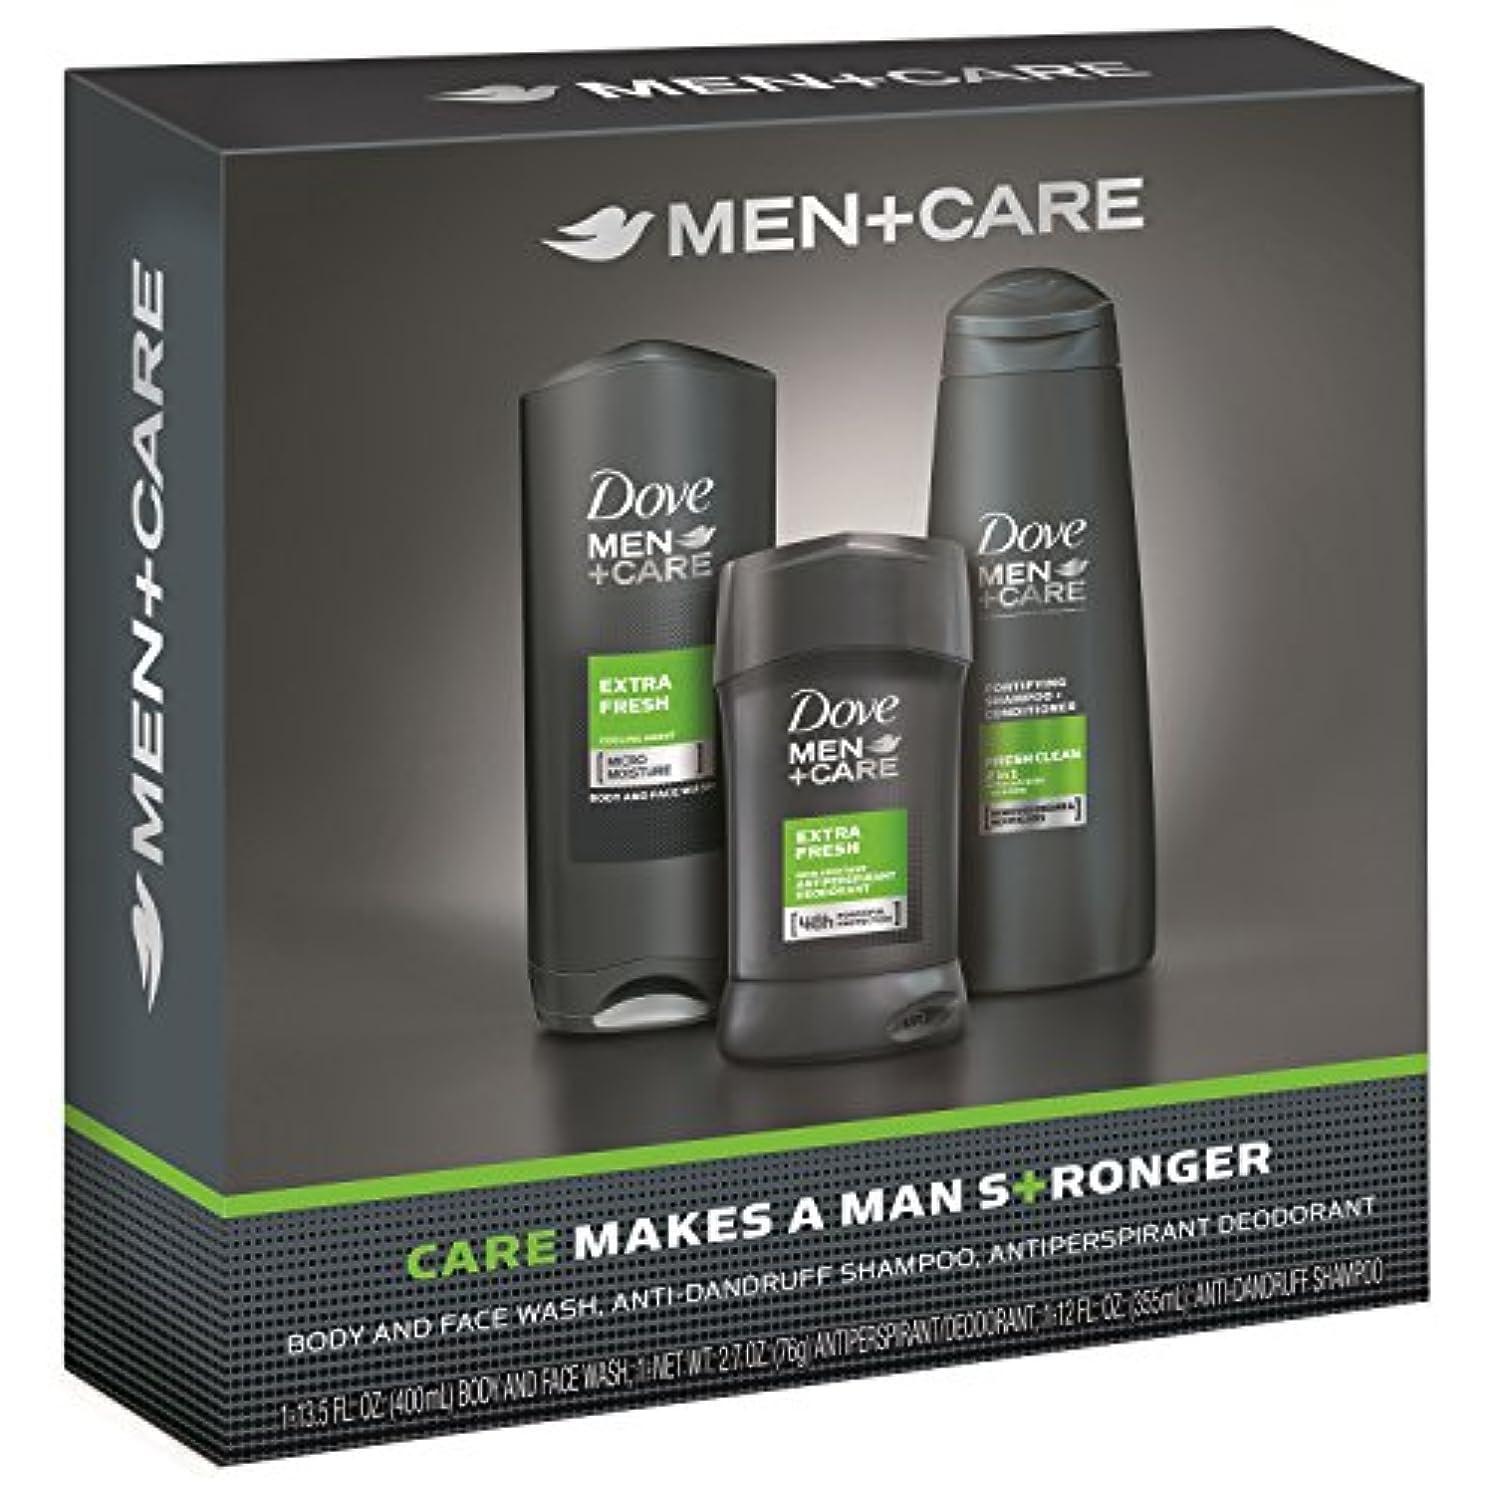 信頼性のある路面電車ビンDove Men+Care Gift Pack Extra Fresh ダブ メンプラスケア ギフトパック エクストラフレッシュ